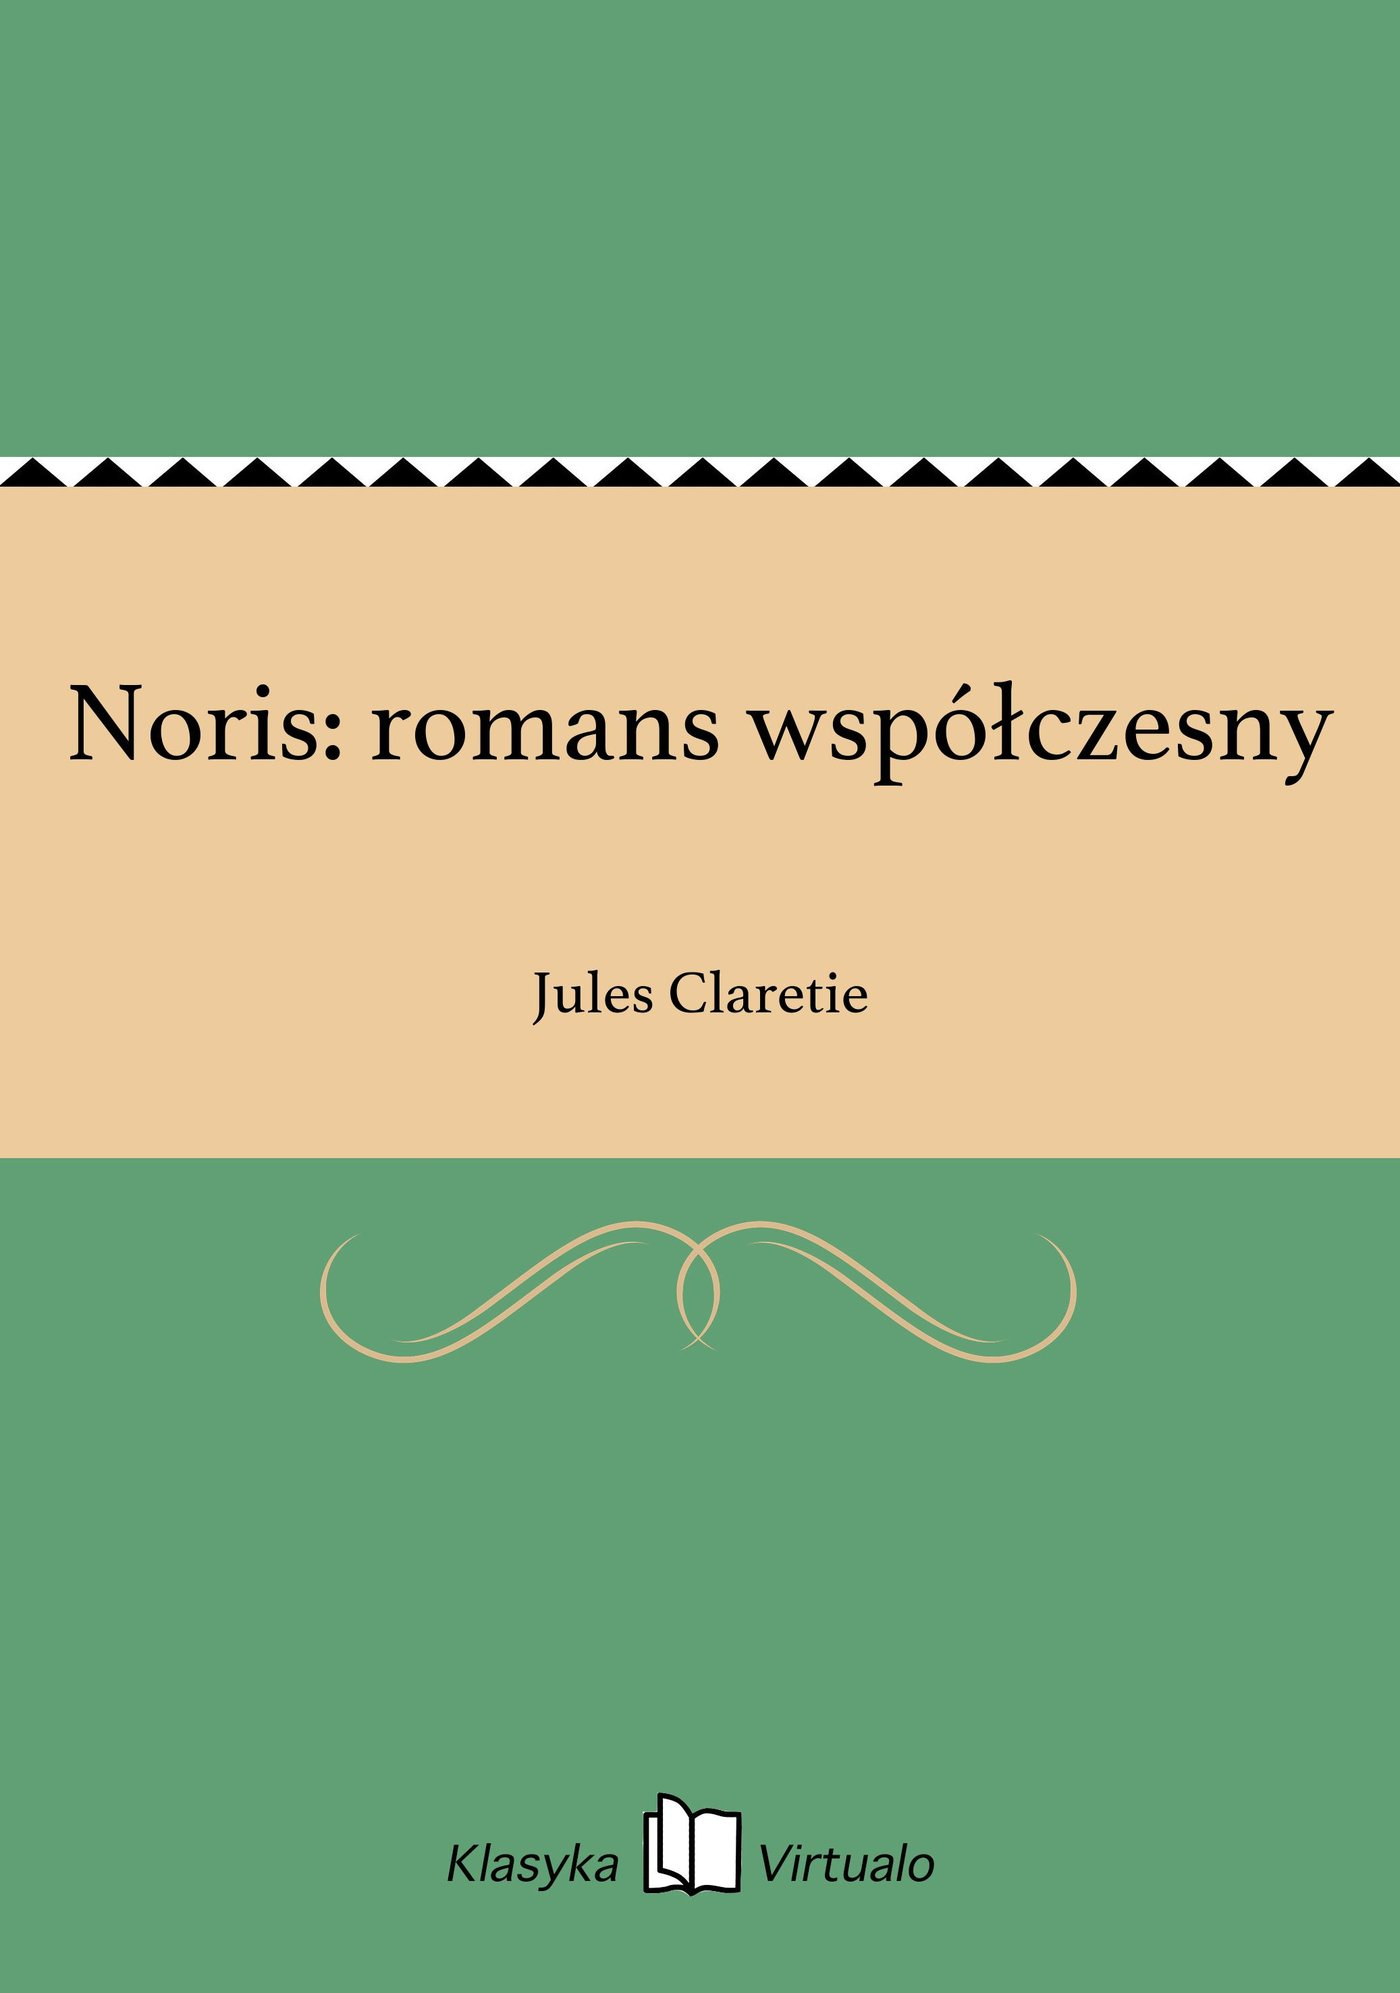 Noris: romans współczesny - Ebook (Książka EPUB) do pobrania w formacie EPUB